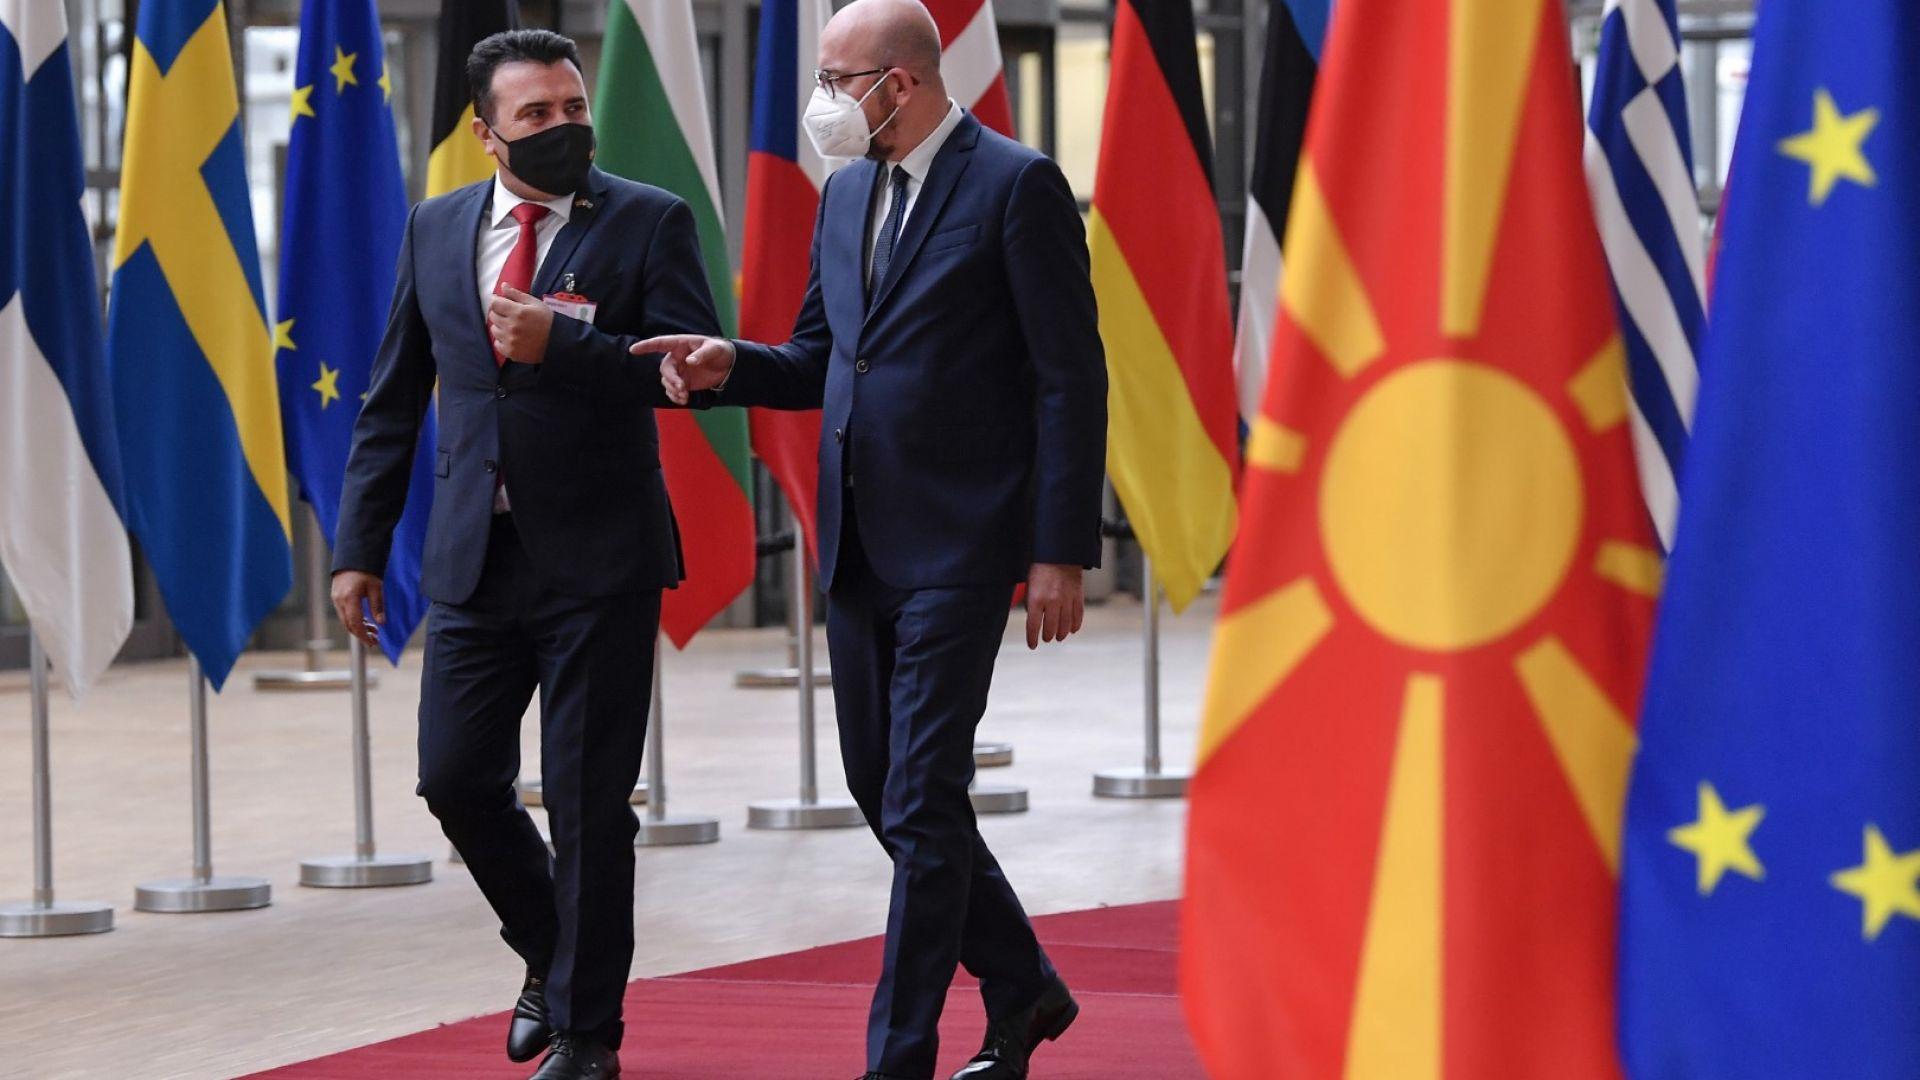 Северна Македония в ЕС: Времето още не е дошло